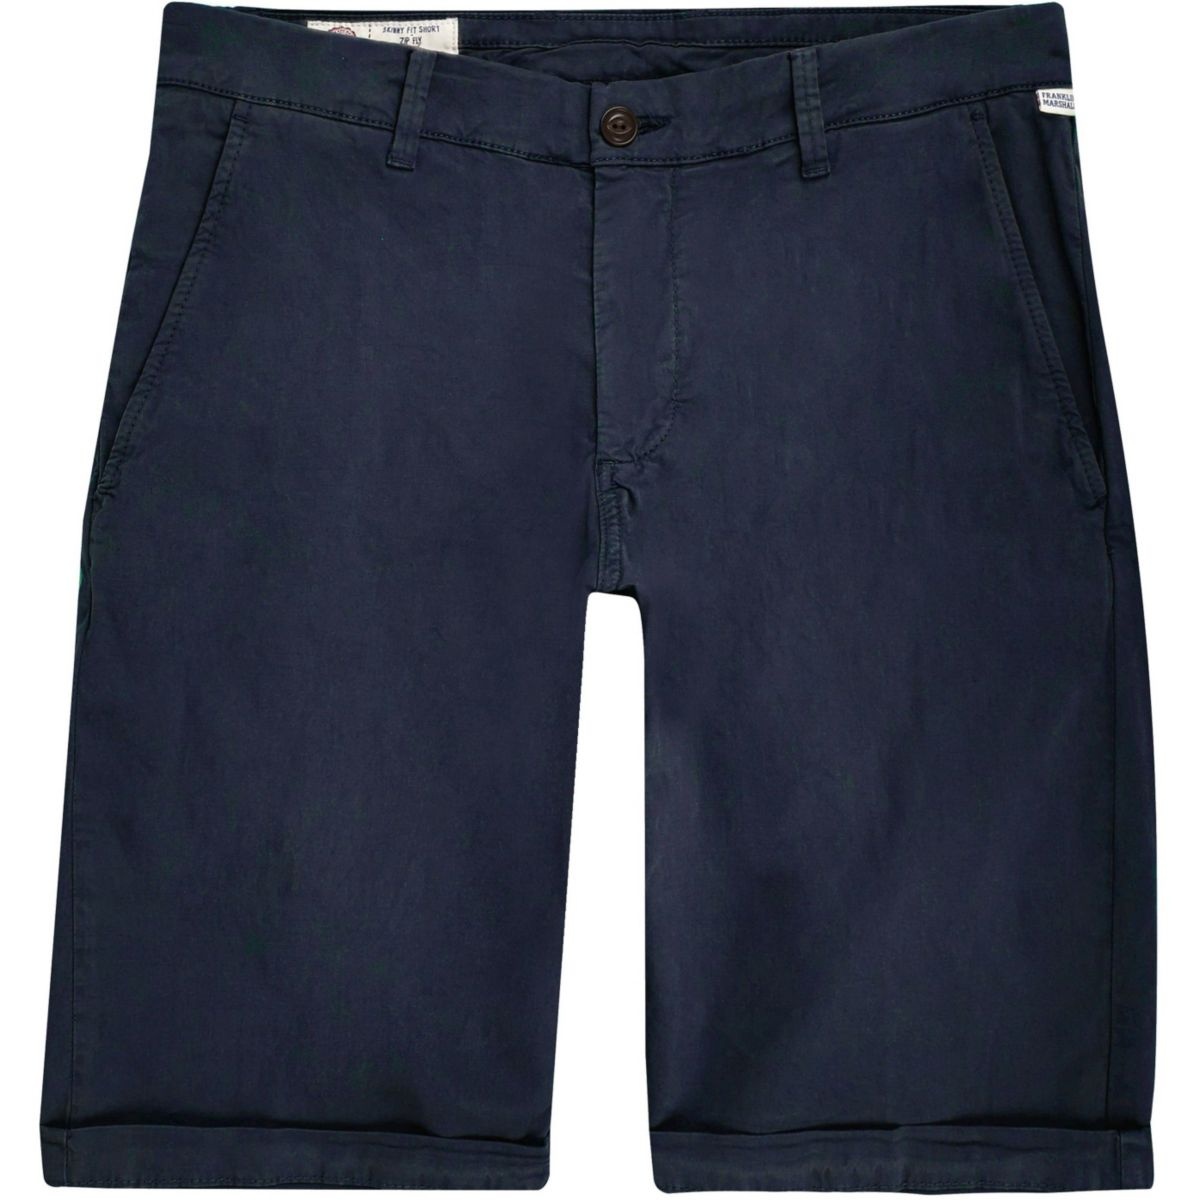 Franklin & Marshall blauwe skinny short